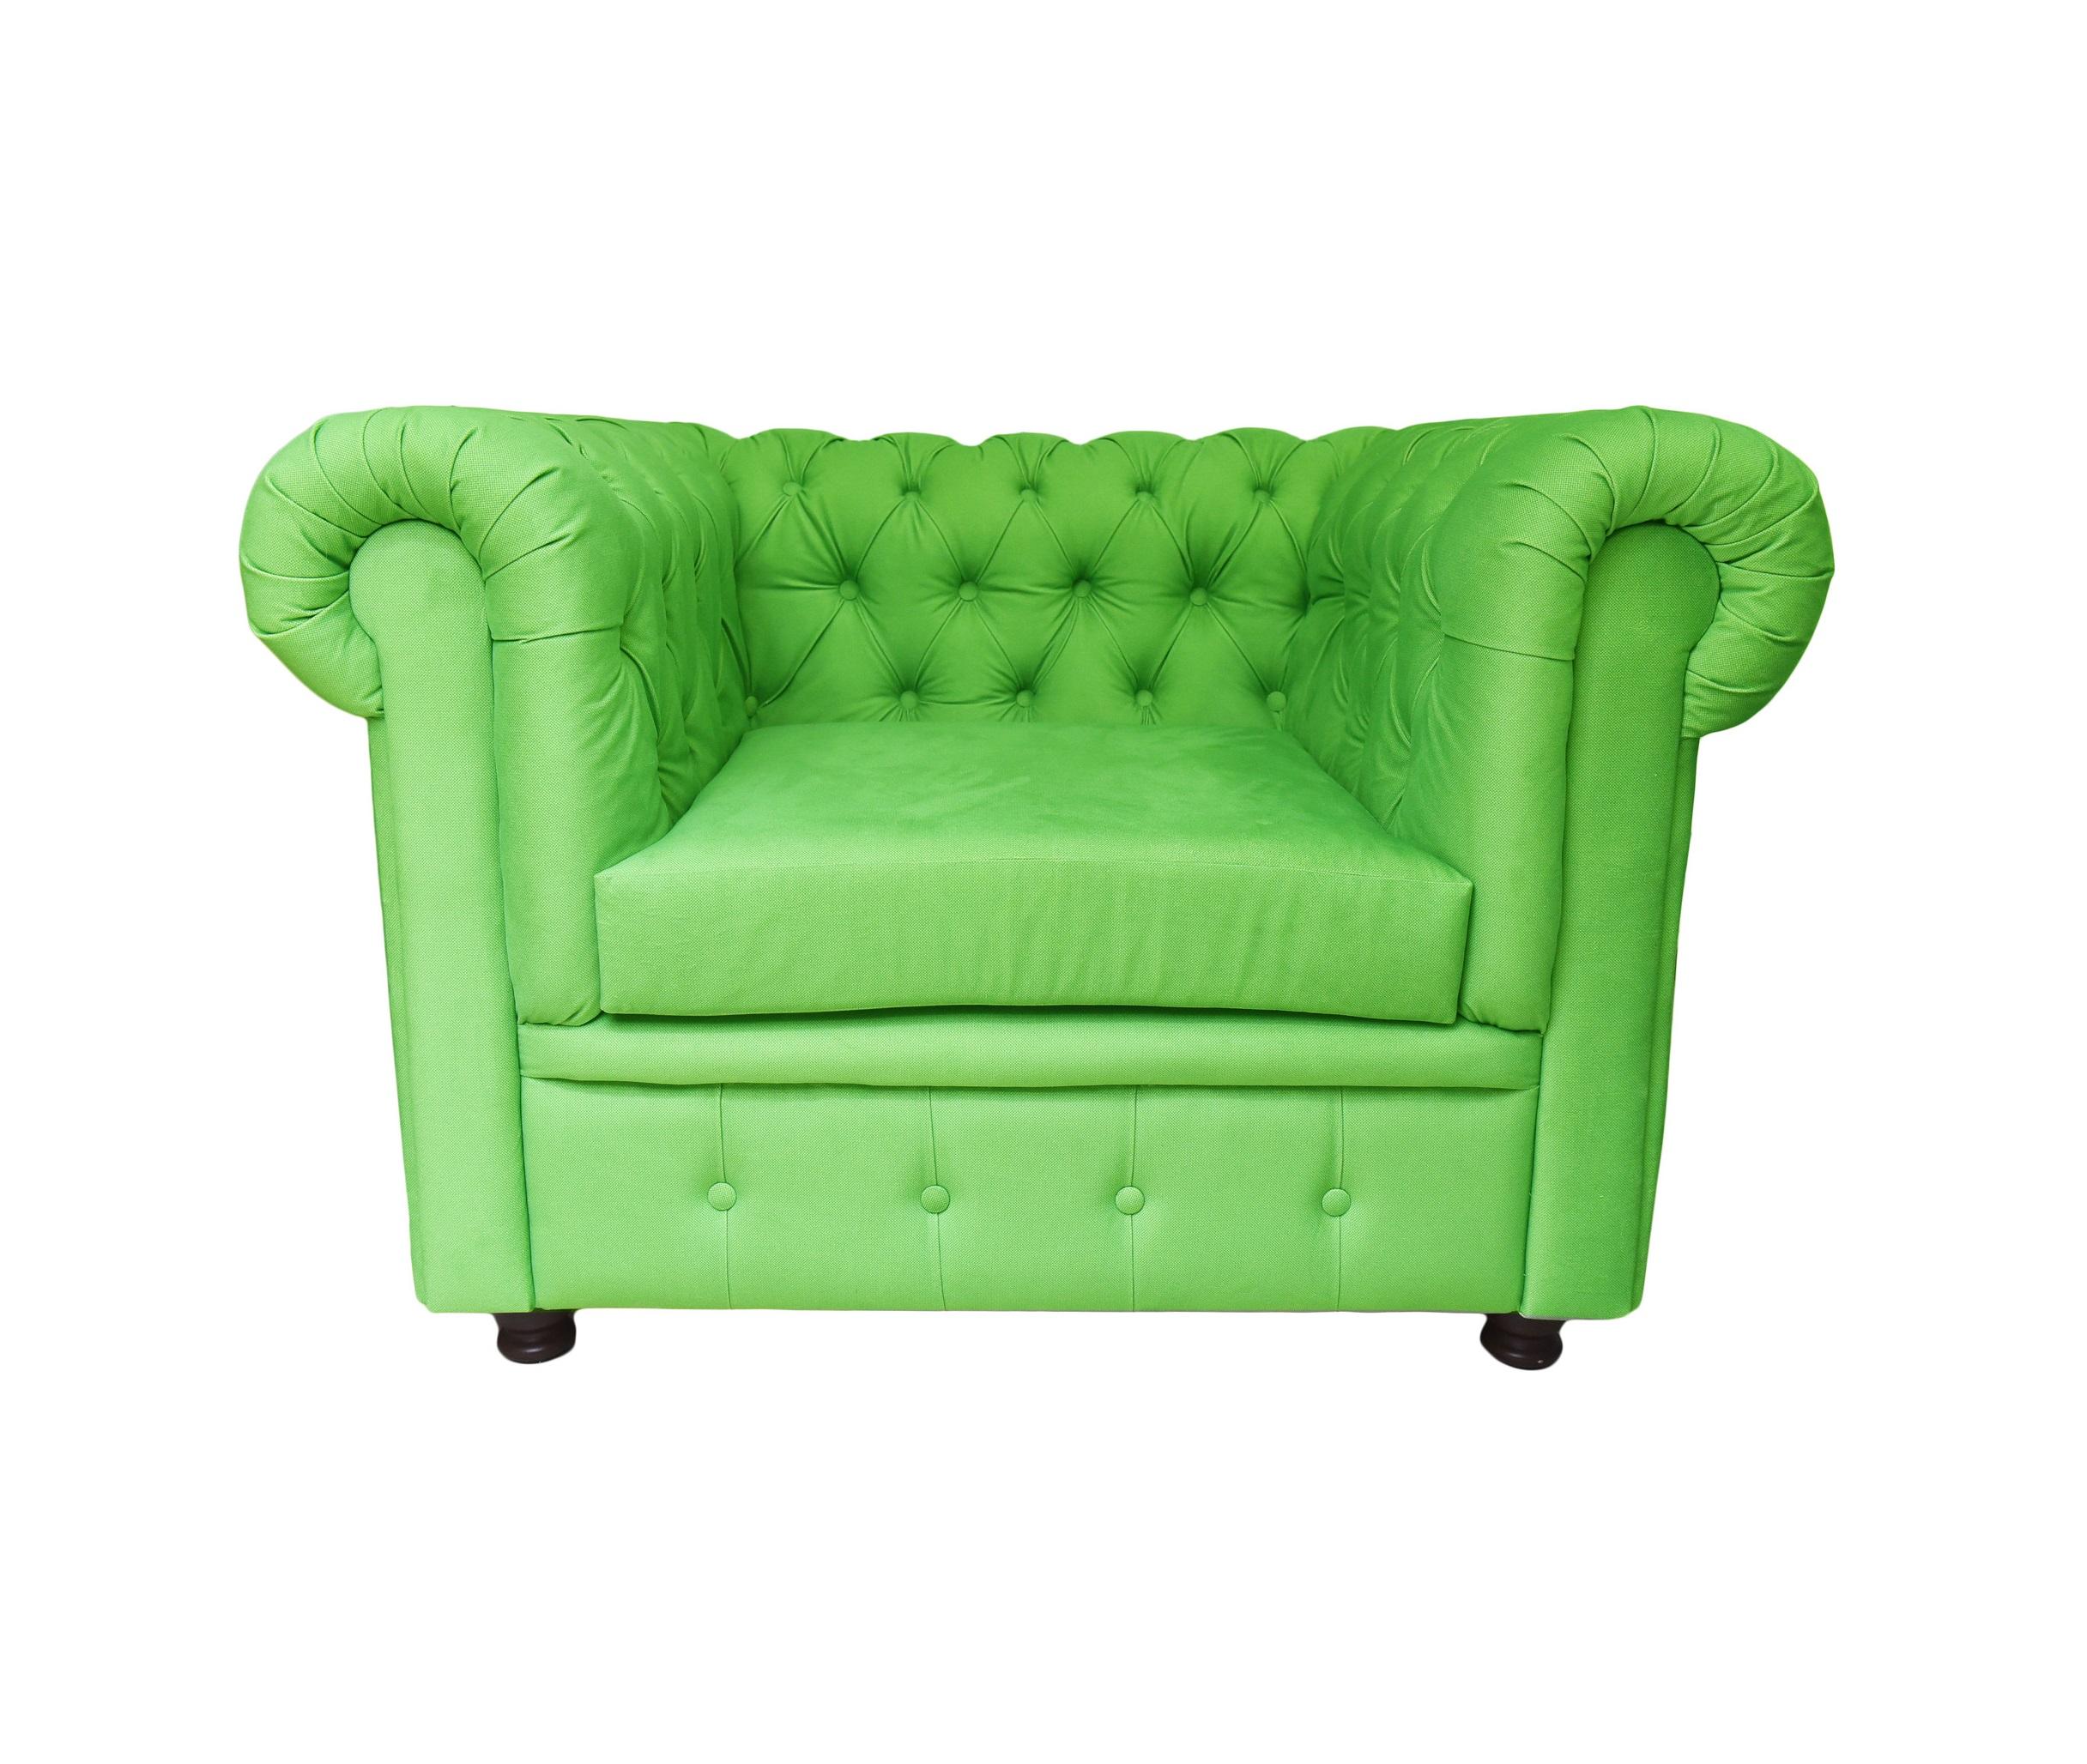 Кресло ЧестерИнтерьерные кресла<br>Каркасное  кресло оригинального дизайна станет не только выделяющимся, но и комфортным акцентом в вашем интерьере. Кресло станет незаменимым предметом декора или функциональной мебелью . А эксклюзивные ткани добавят изюминку в ваше пространство.&amp;lt;div&amp;gt;&amp;lt;br&amp;gt;&amp;lt;/div&amp;gt;&amp;lt;div&amp;gt;Не требует сборки.&amp;lt;/div&amp;gt;<br><br>Material: Текстиль<br>Length см: None<br>Width см: 120<br>Depth см: 92<br>Height см: 84